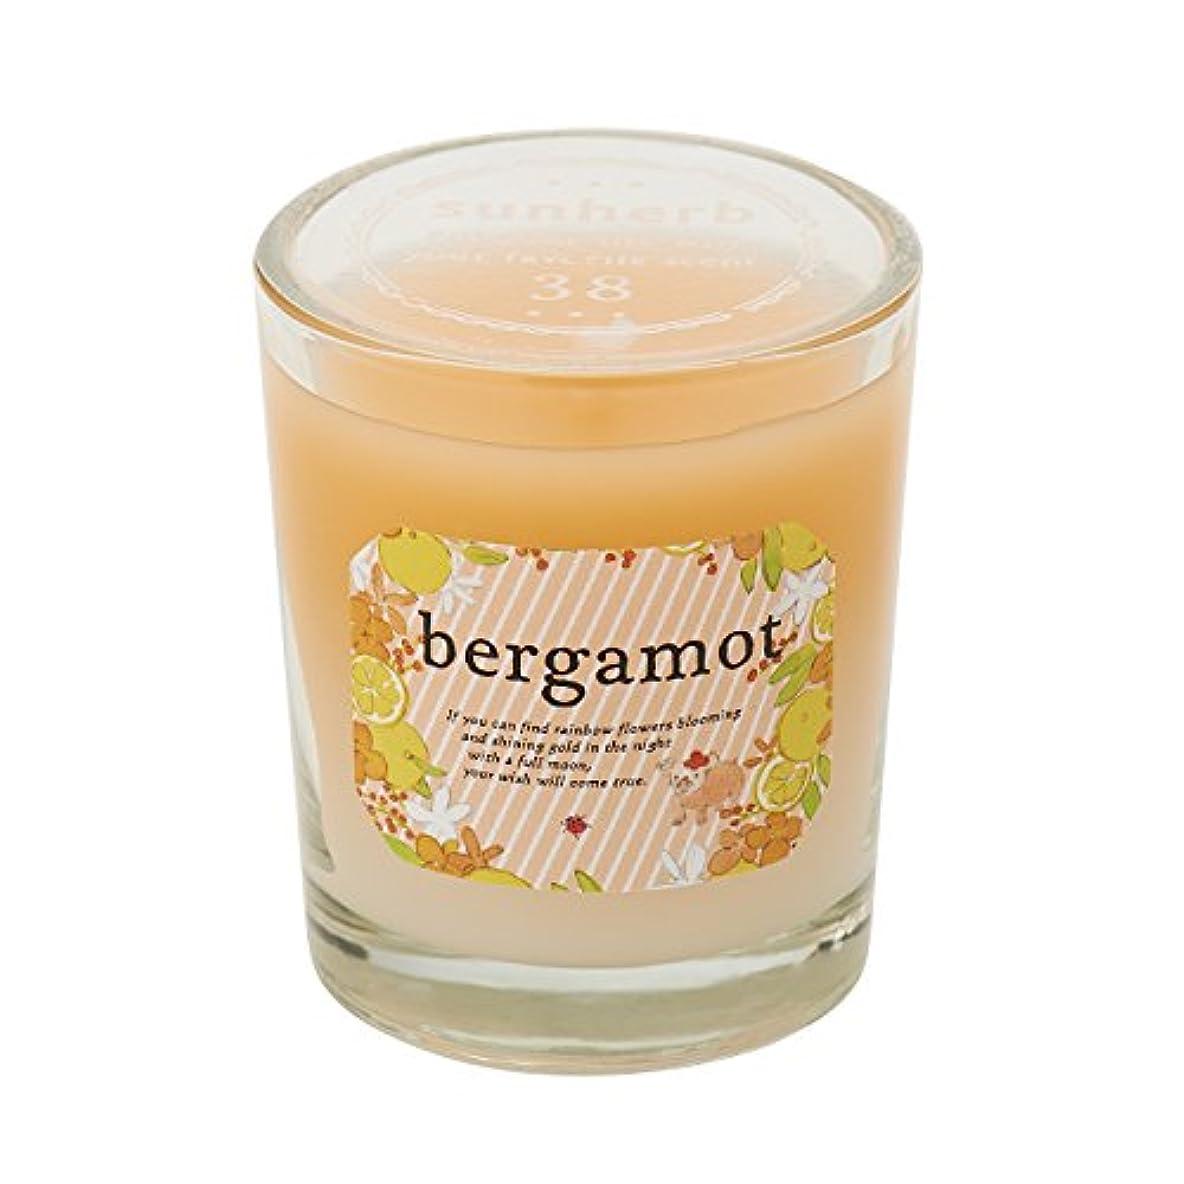 コショウ登録いつでもサンハーブ グラスキャンドル ベルガモット 35g(グラデーションろうそく 燃焼時間約10時間 懐かしい甘酸っぱい香り)